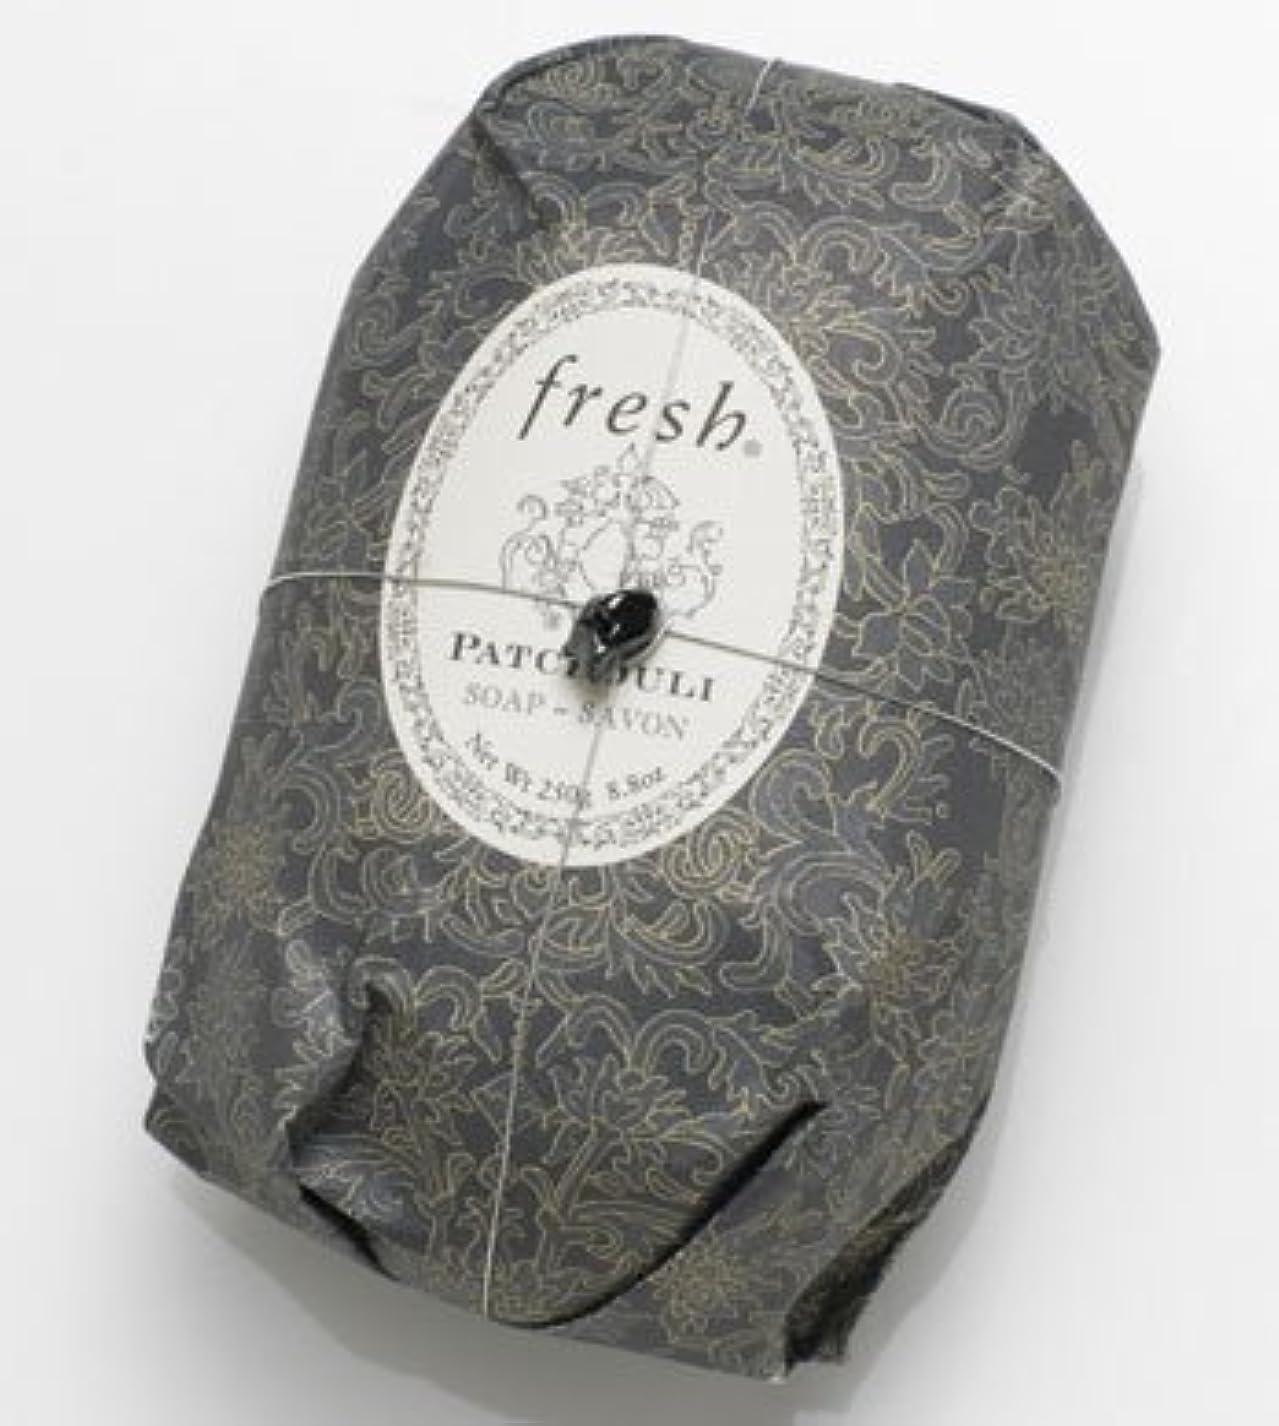 構成記憶暗殺Fresh PATCHOULI SOAP (フレッシュ パチョリ ソープ) 8.8 oz (250g) Soap (石鹸) by Fresh